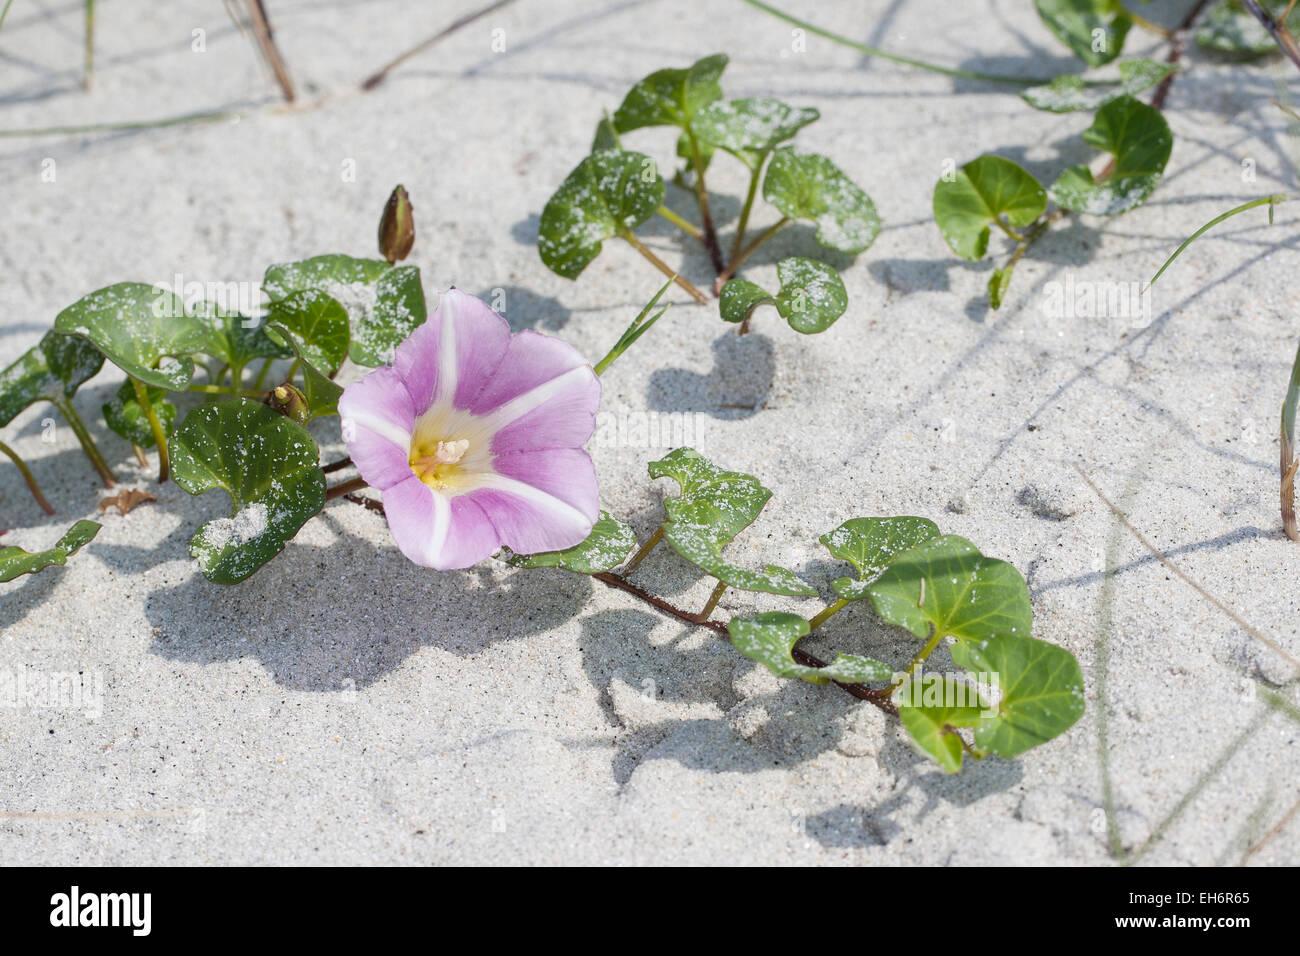 Seashore false bindweed, beach morning glory, Strandwinde, Strand-Winde, Calystegia soldanella, Convolvulus soldanella - Stock Image